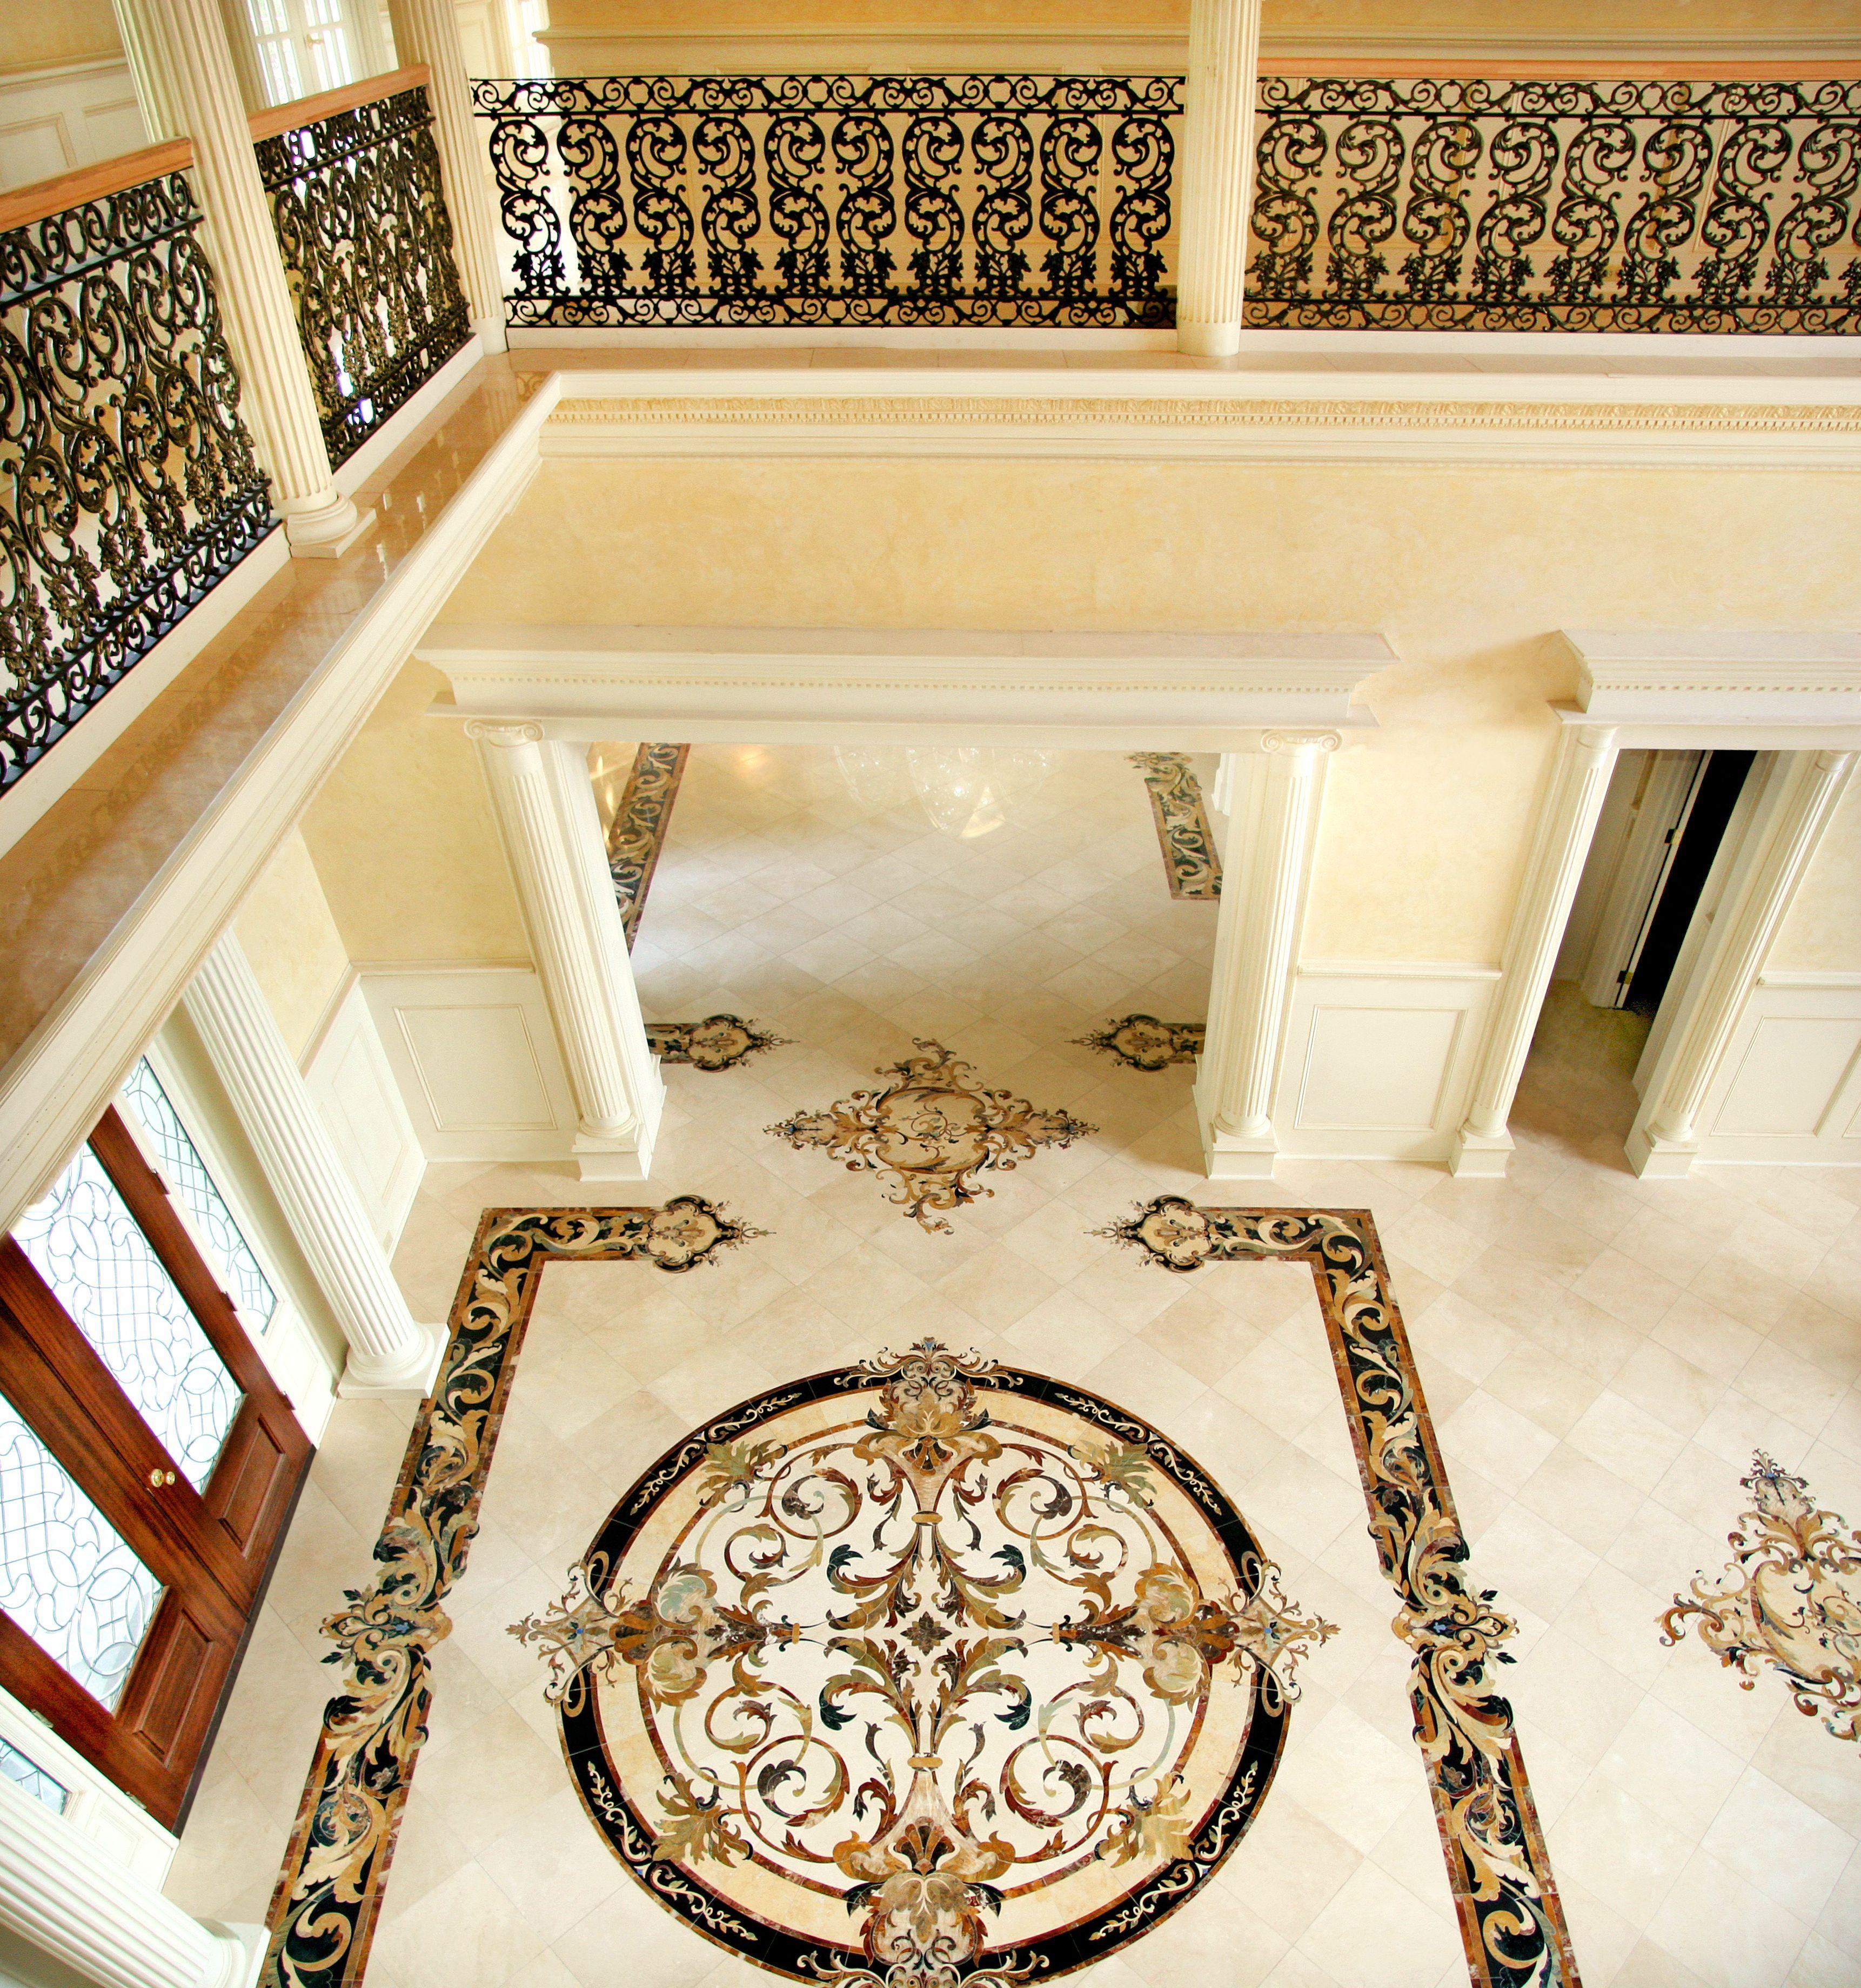 Medaillons Borduren Und Akzente Von Aalto Fugen Sich Nahtlos In Die Umgebung Ein In 2020 Bodengestaltung Marmor Foyer Foyerdesign